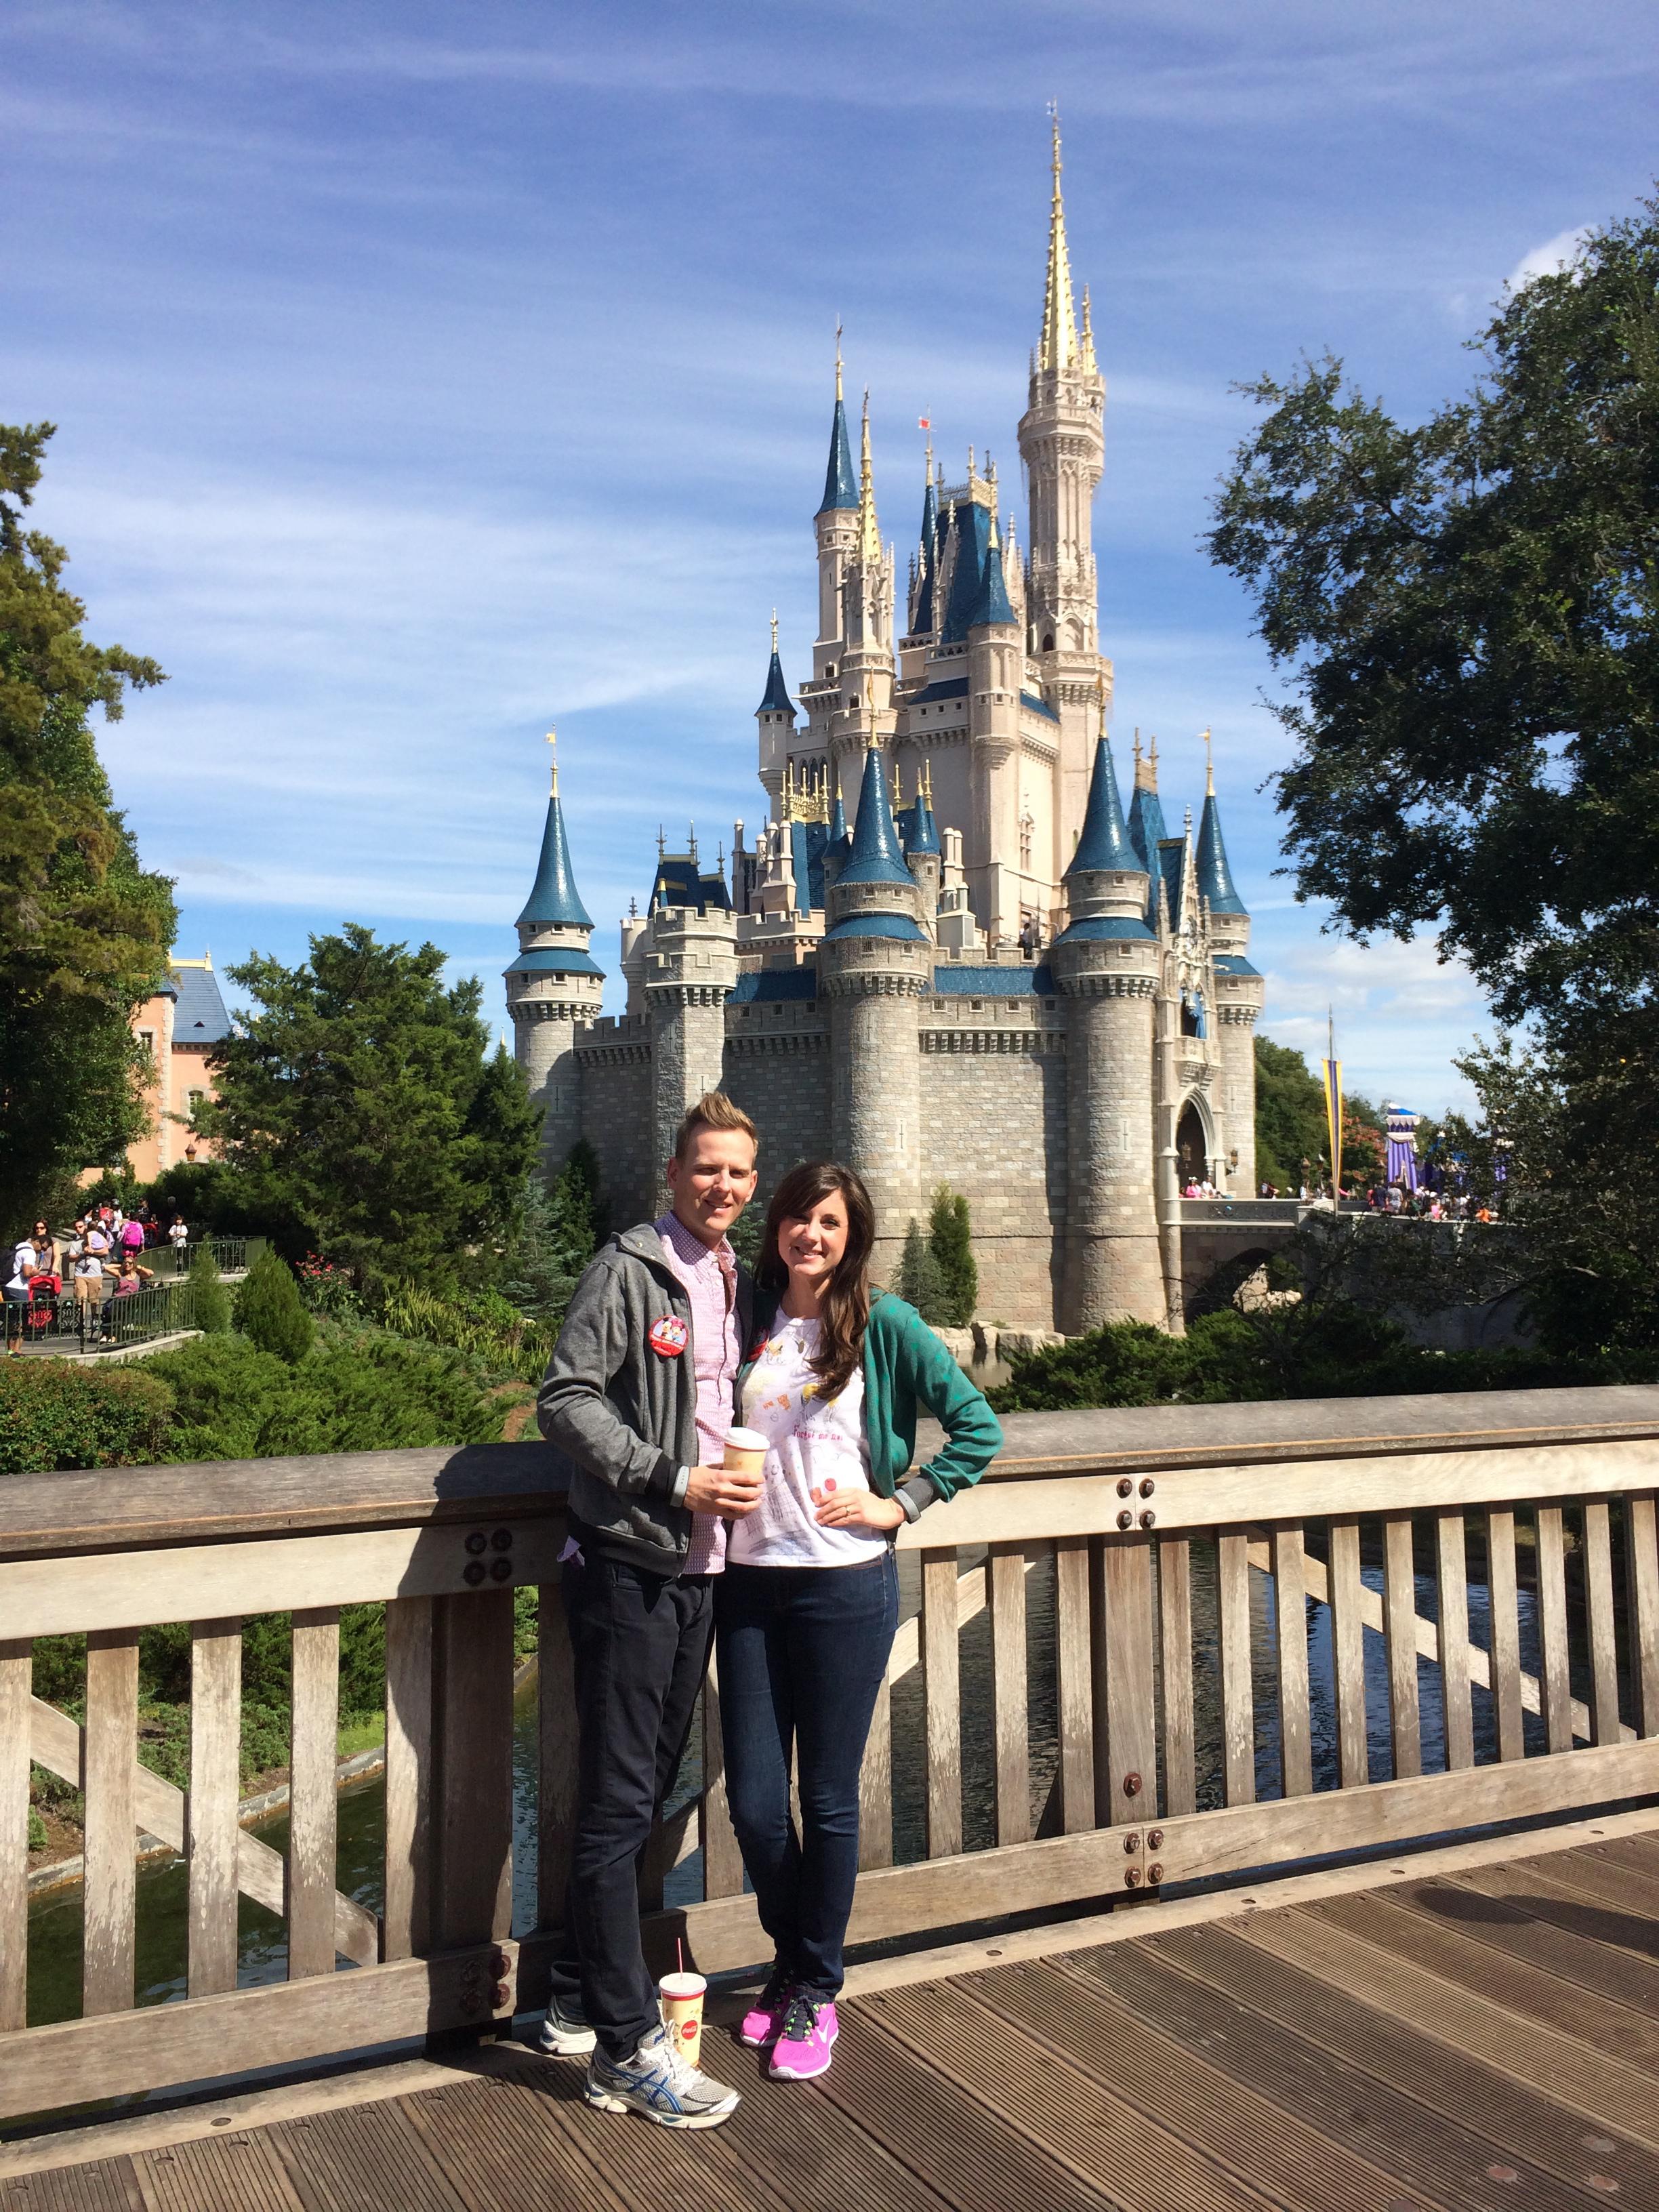 Enjoying the Magic Kingdom!